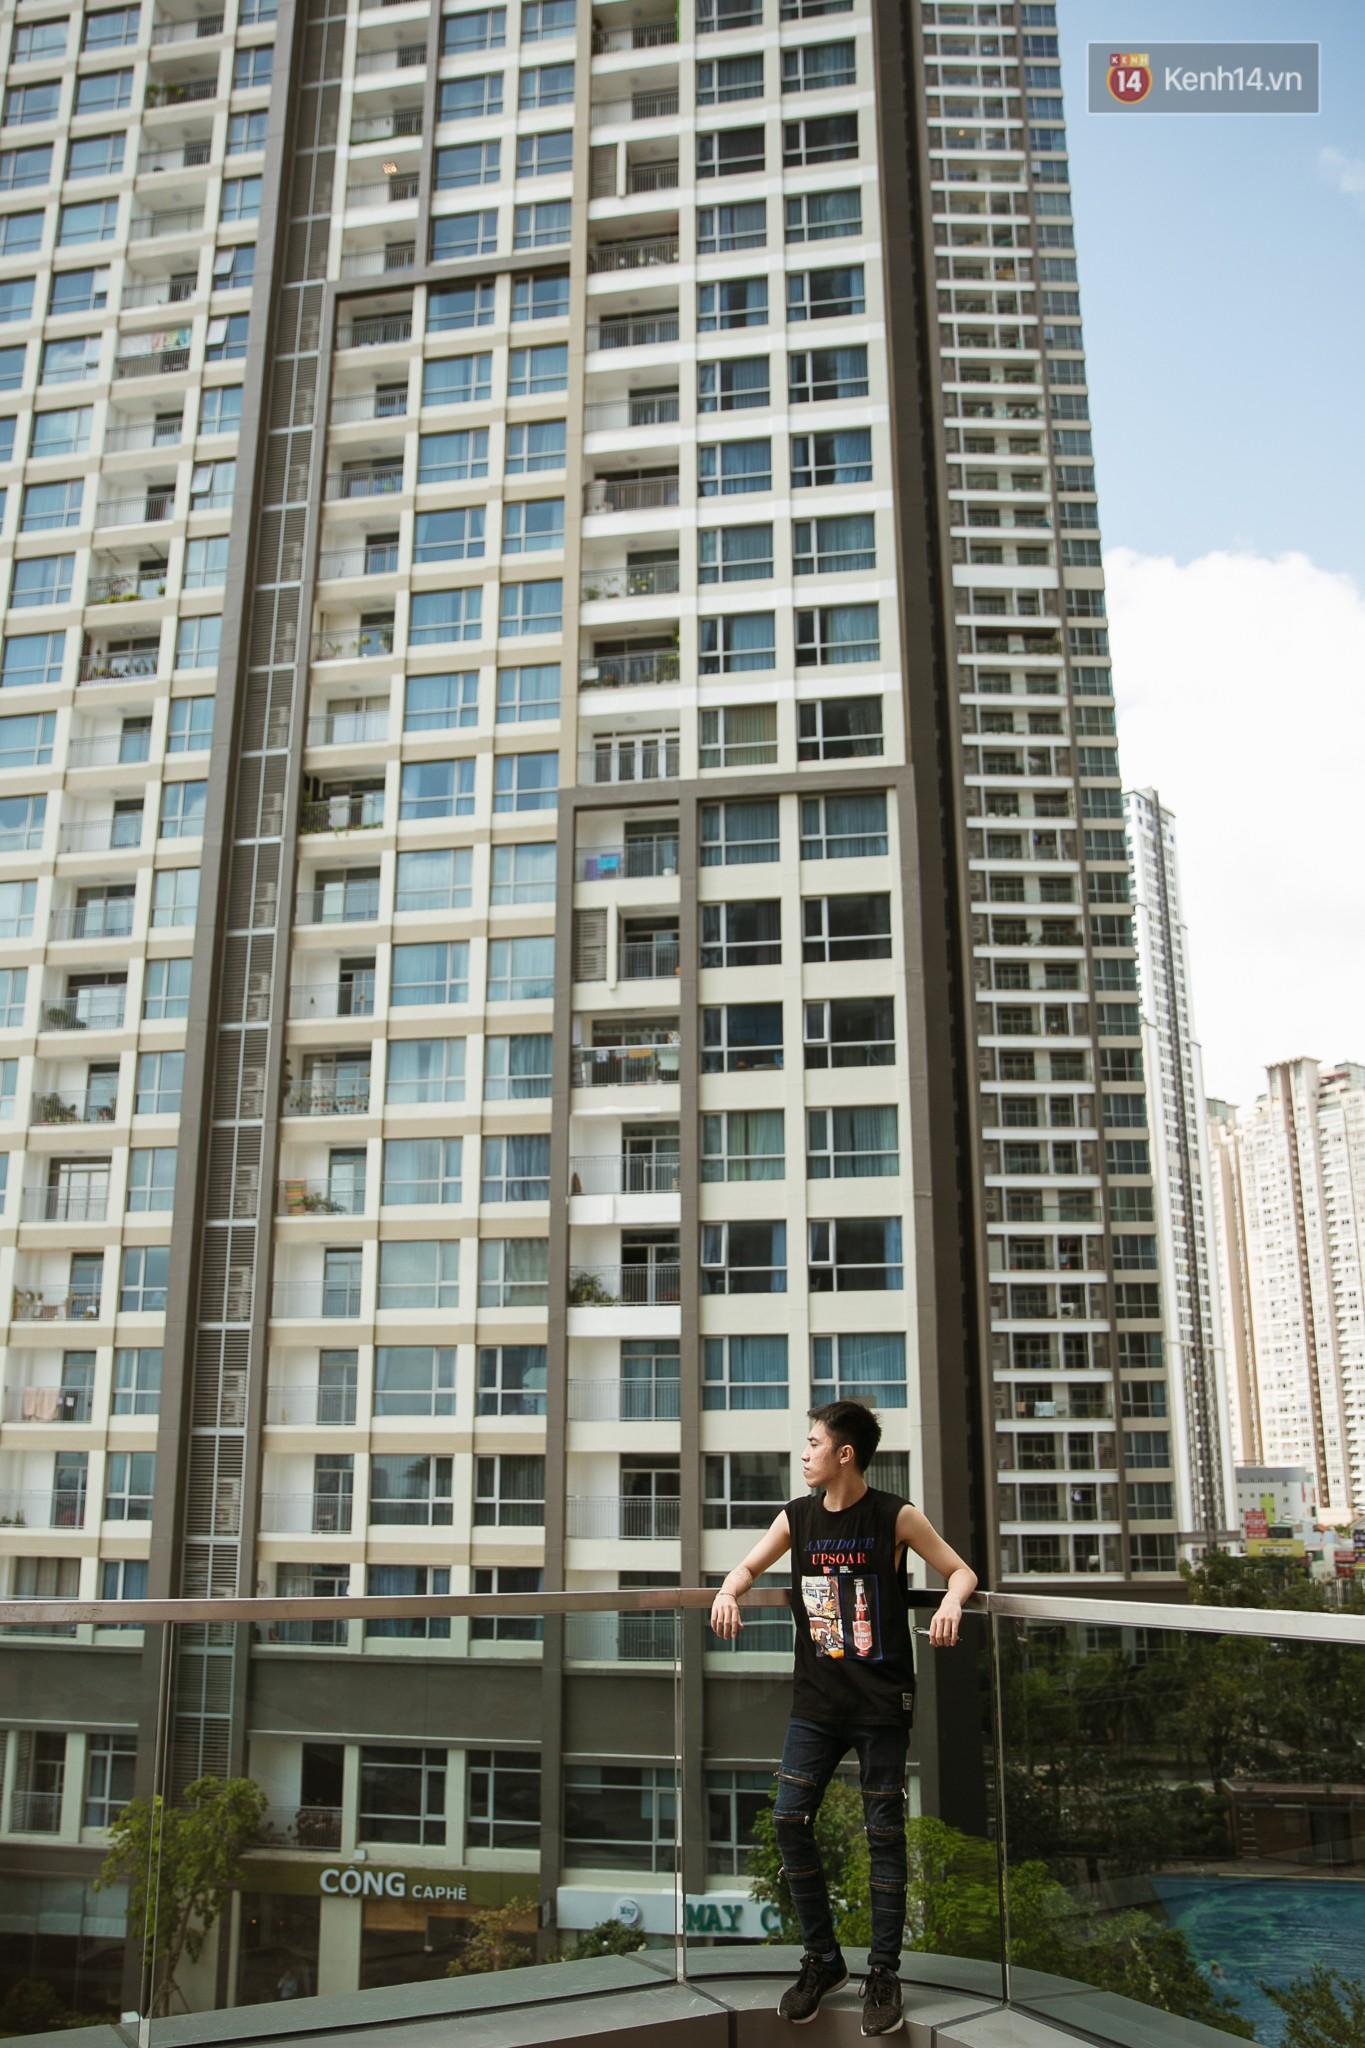 10 lí do khiến Landmark 81 chắc chắn sẽ trở thành thiên đường ăn chơi mới của giới trẻ Sài Gòn - Ảnh 33.